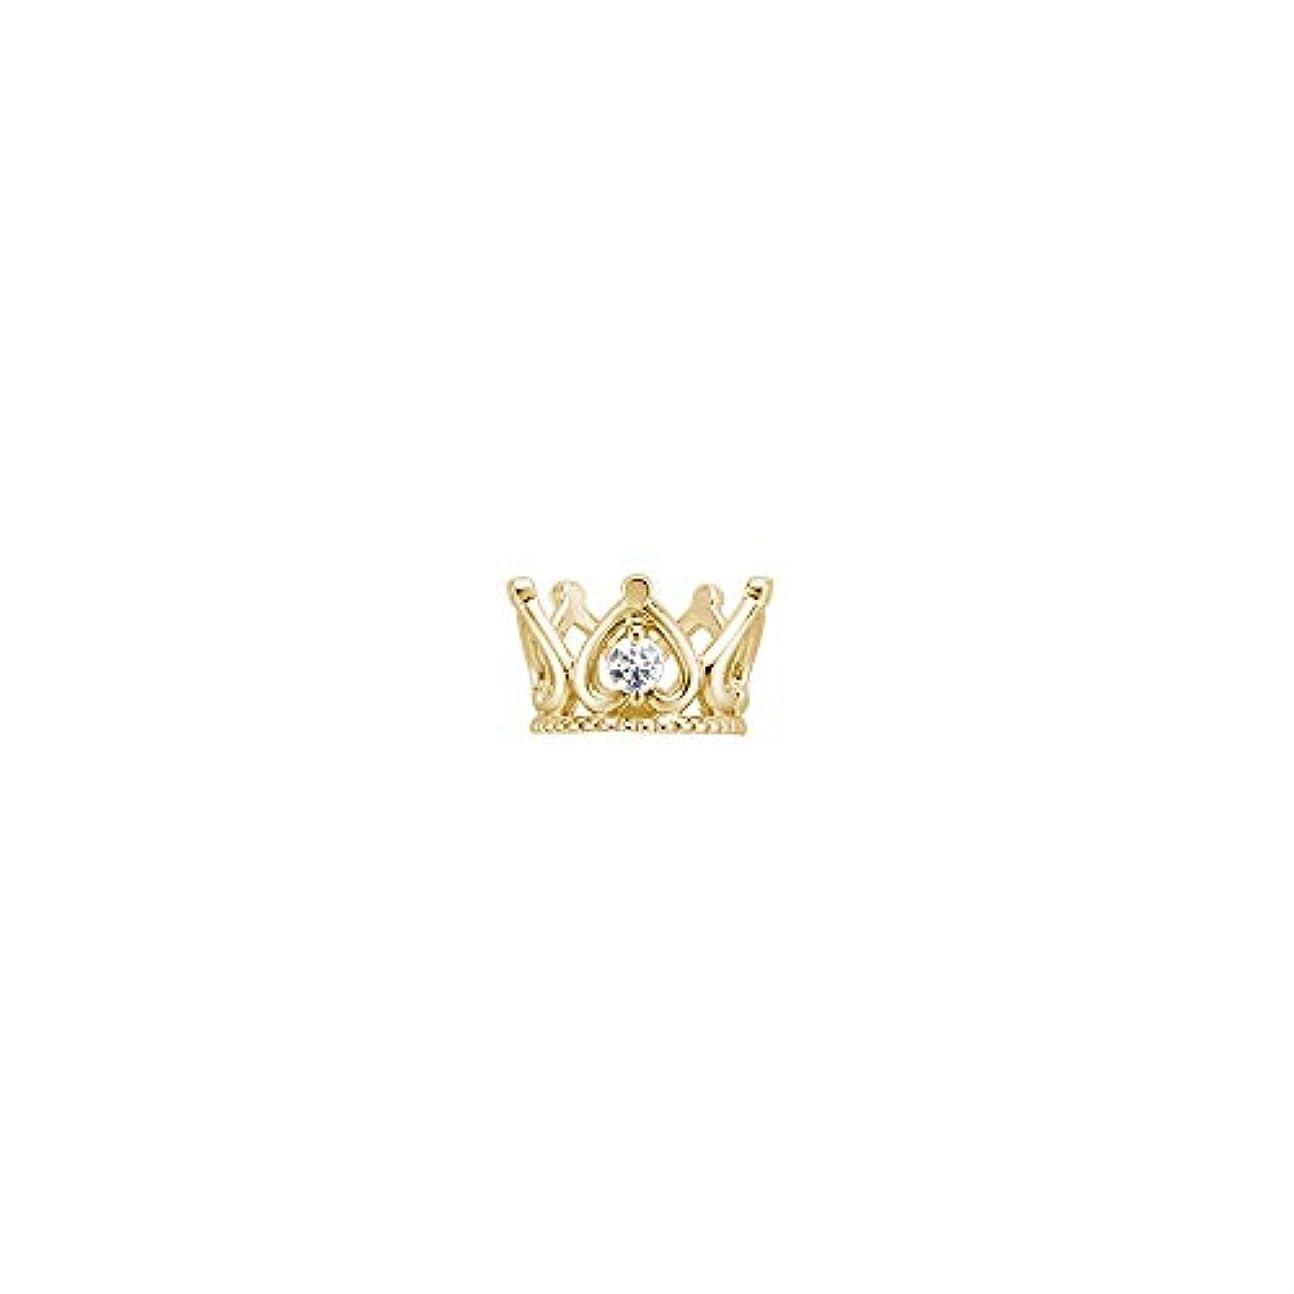 ひねくれた要塞ただJohnny&Rover(ジョニーアンドローバー) K10YGベビーリング/ダイヤモンド[CROWN]BE-001 イエローゴールド 0002640603